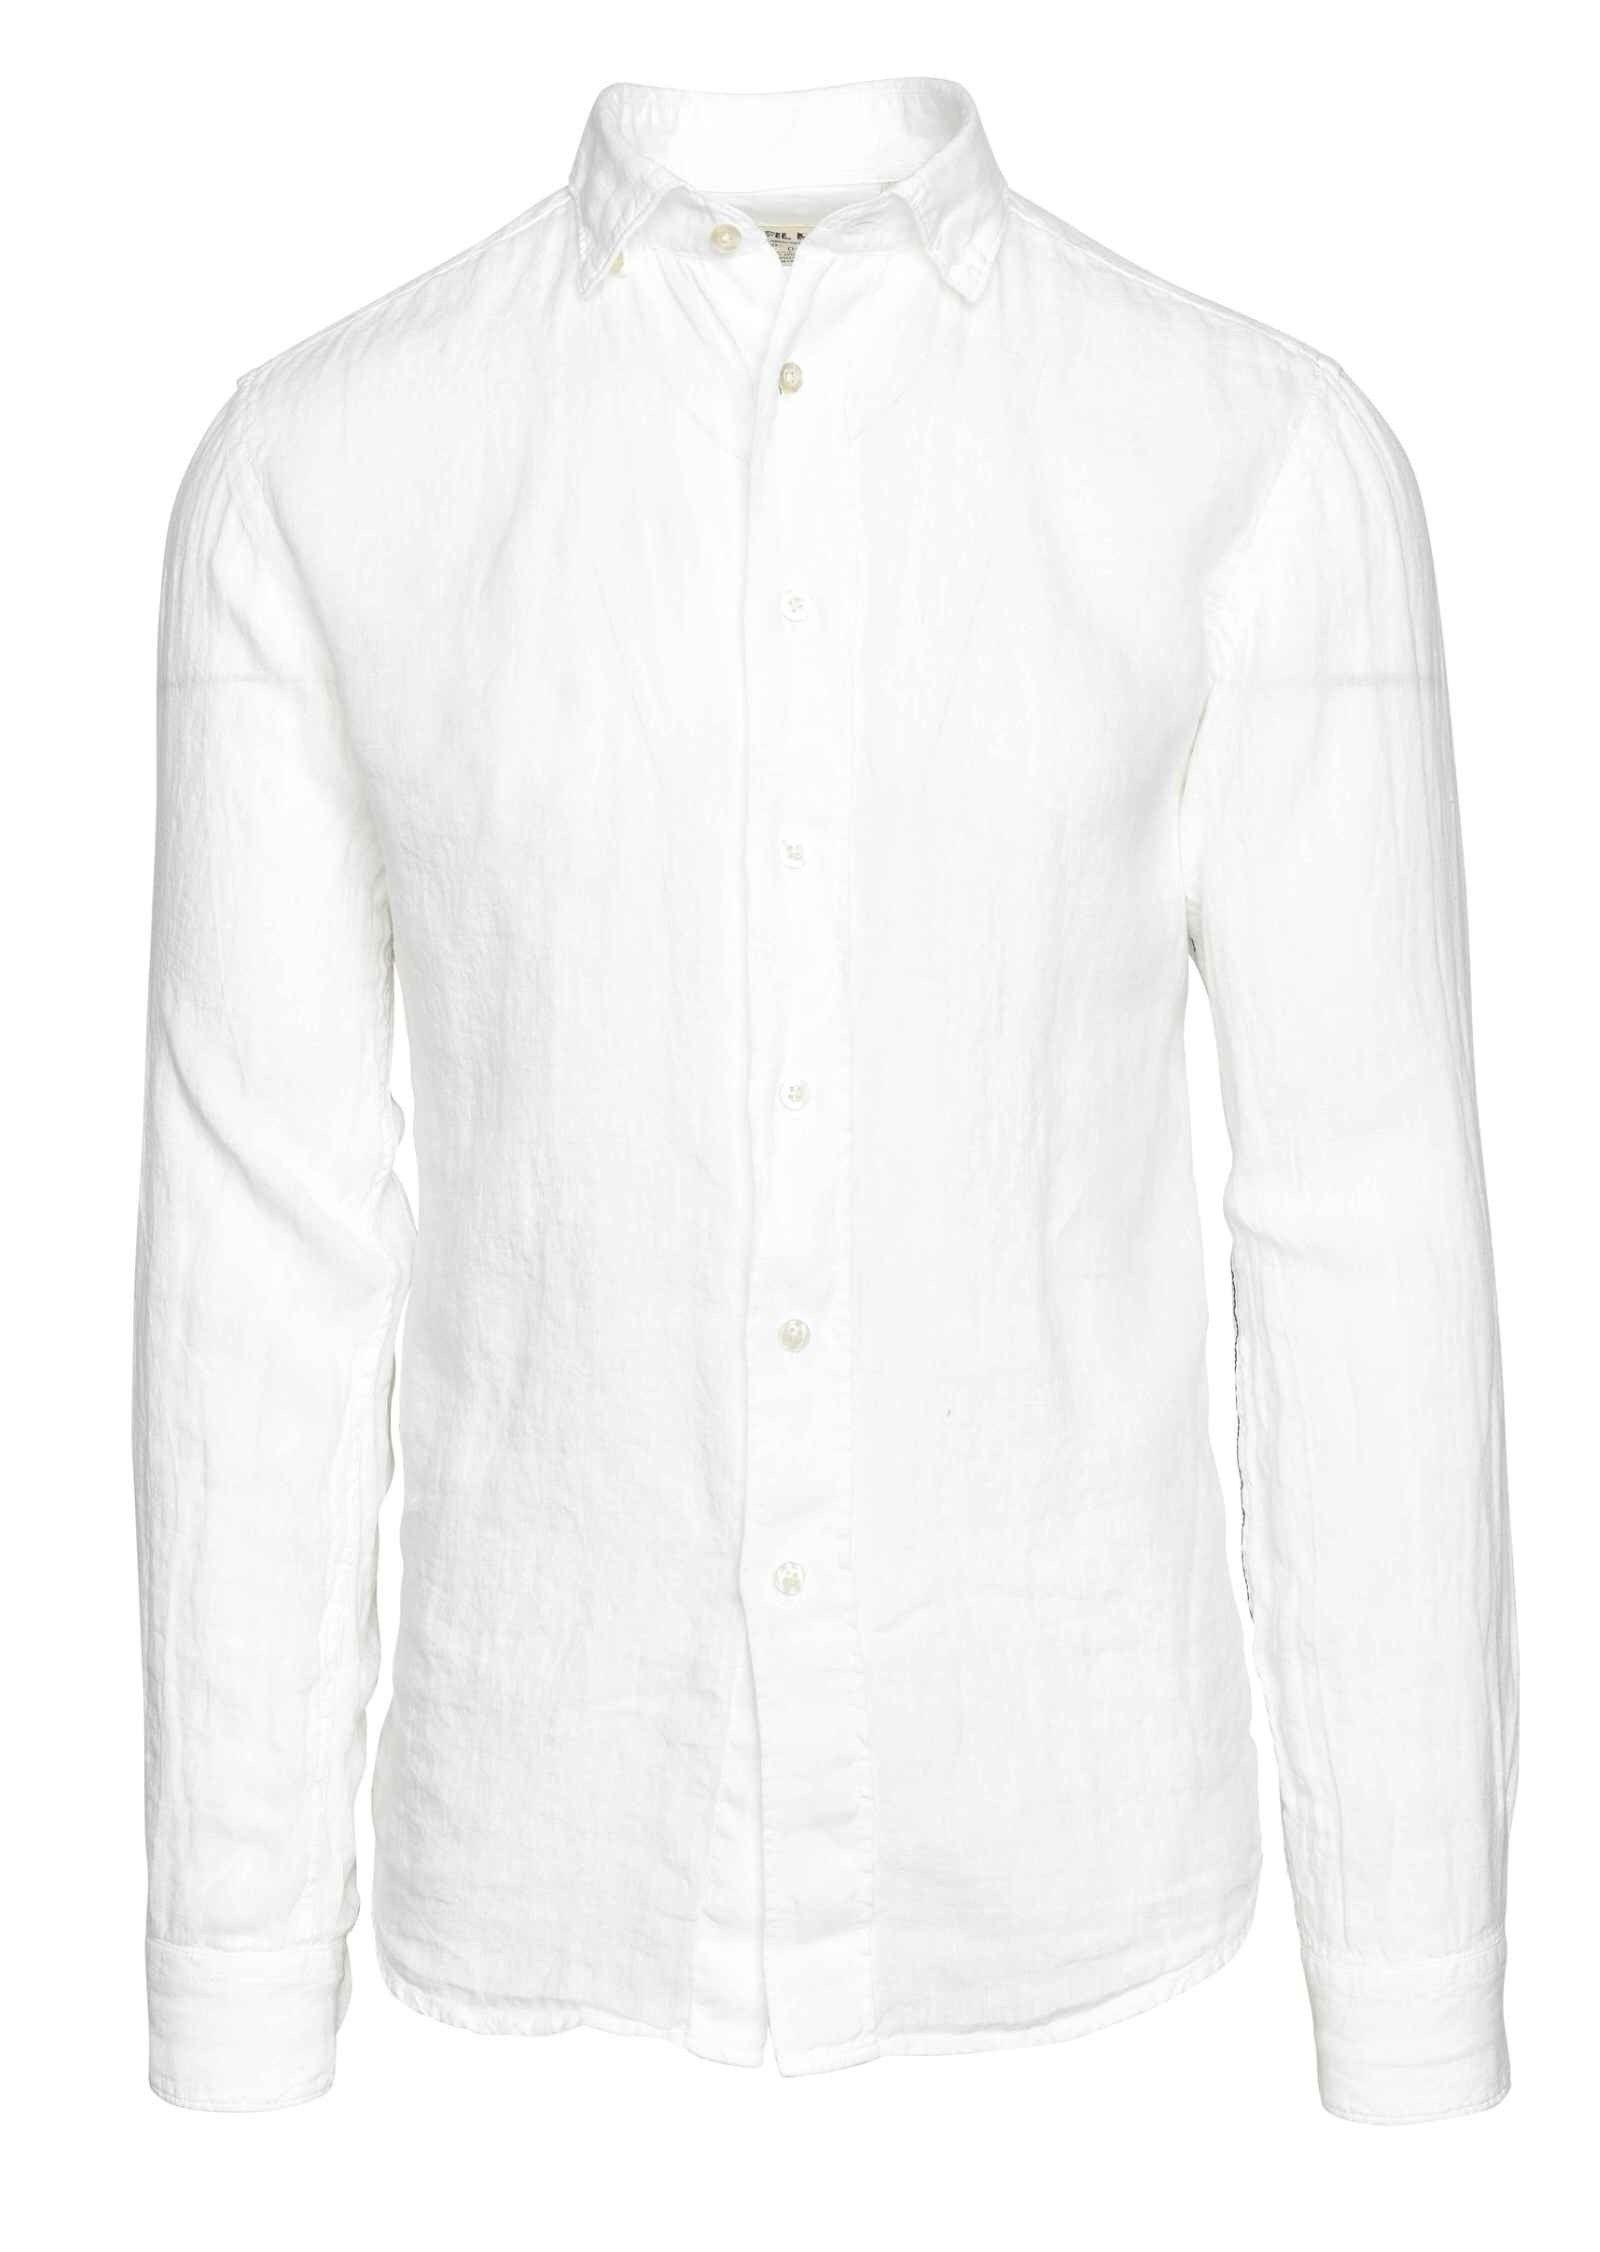 FIL NOIR - Herren Hemd - Leinenhemd Roma - White